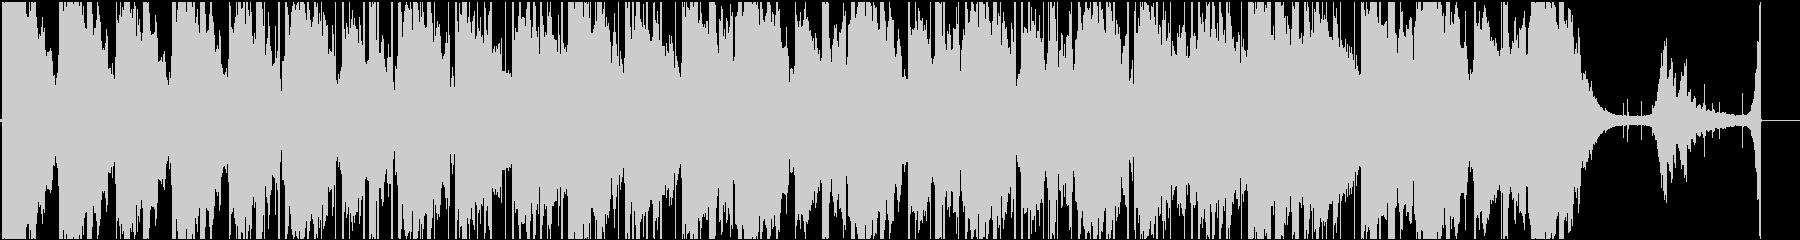 Chill系でアンビエントなヒーリング曲の未再生の波形